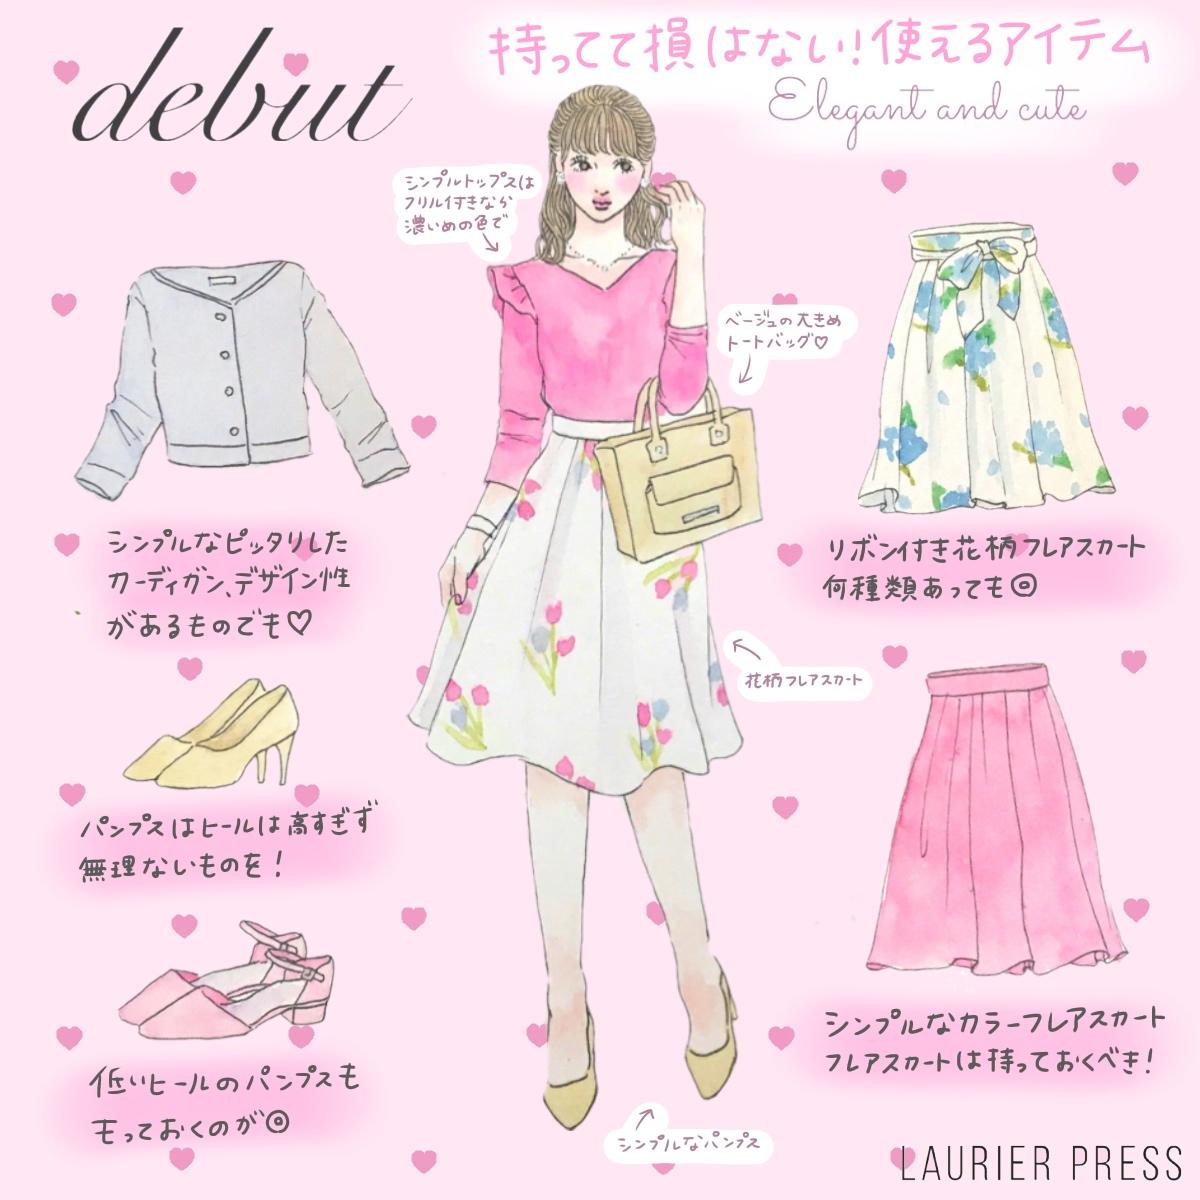 ボトムス上品系には絶対必要なのがフレアスカート! 春は薄ピンクやイエローなど、明るいカラーをチョイス。花柄アイテムなど、何種類あっても使えます♪